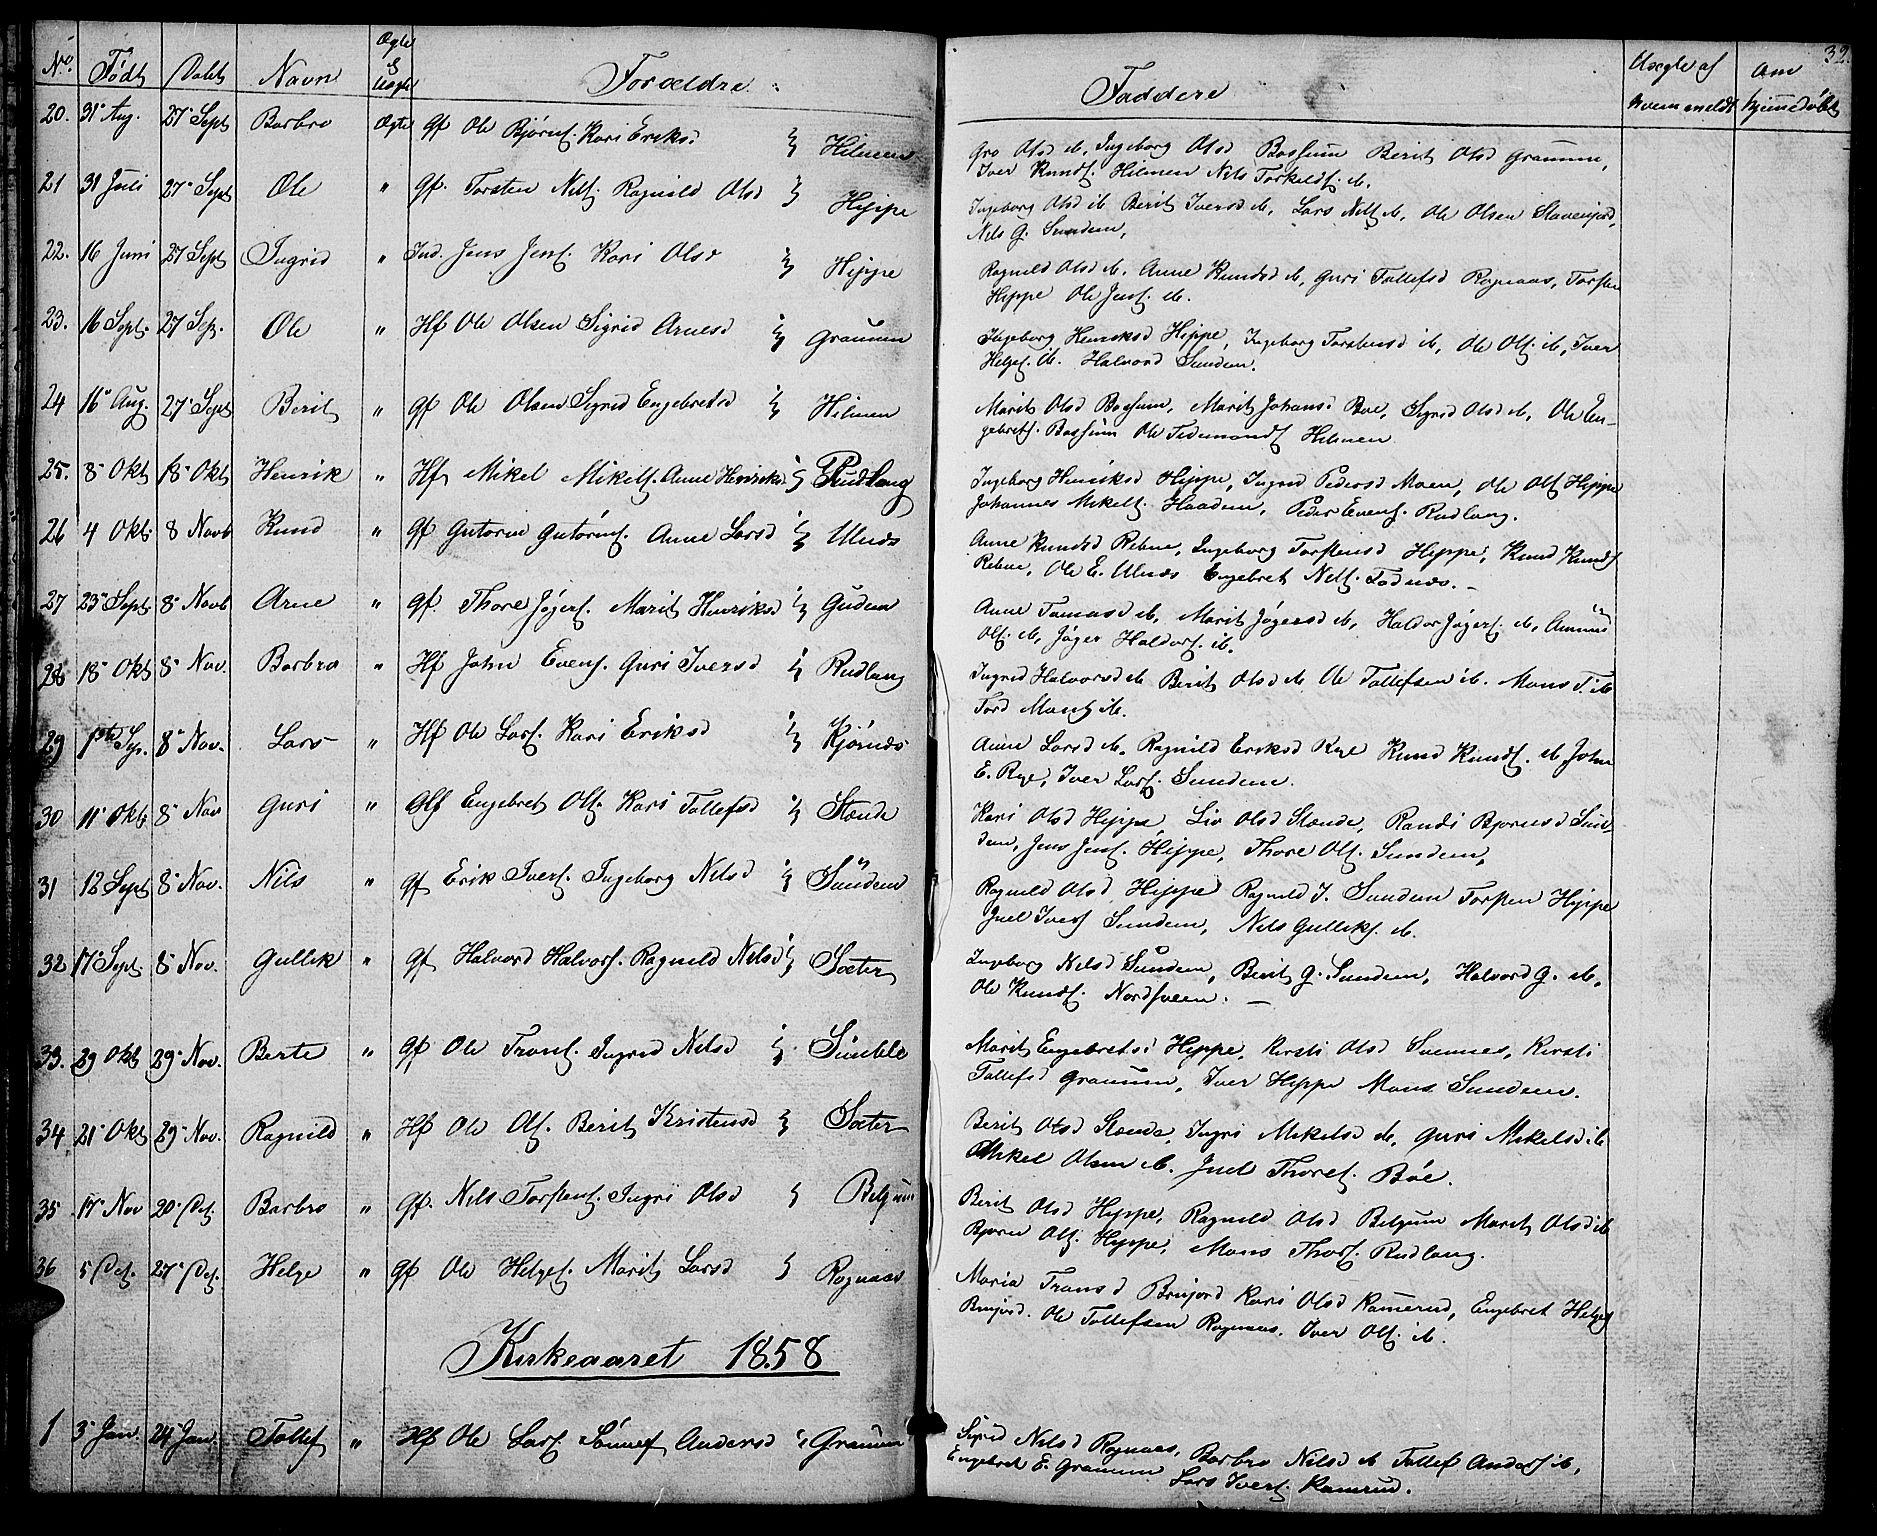 SAH, Nord-Aurdal prestekontor, Klokkerbok nr. 4, 1842-1882, s. 32